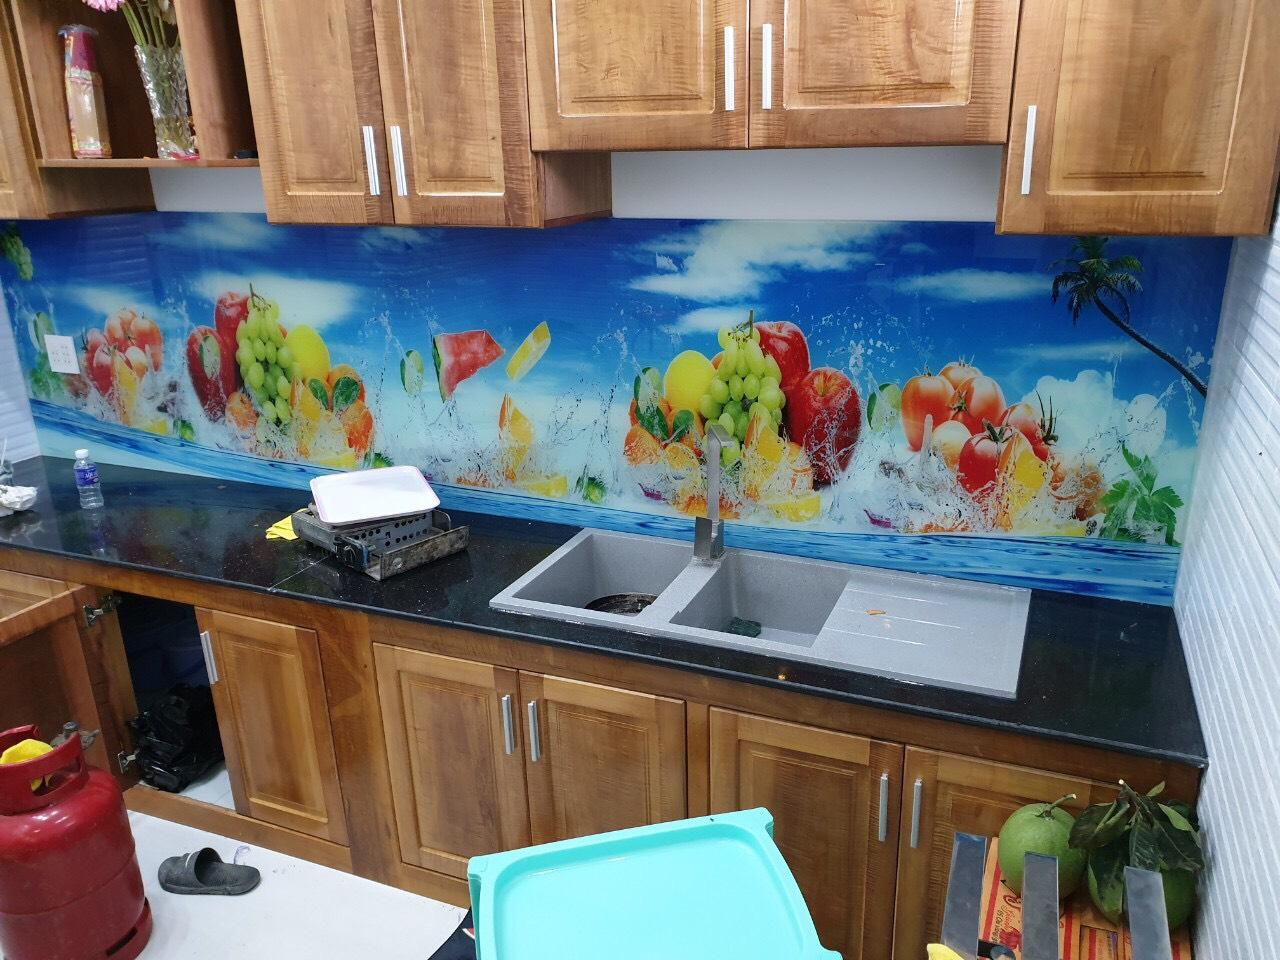 Kính ốp bếp in tranh 3D vạn người mê GHT-204 có đốn tim Bạn được chưa